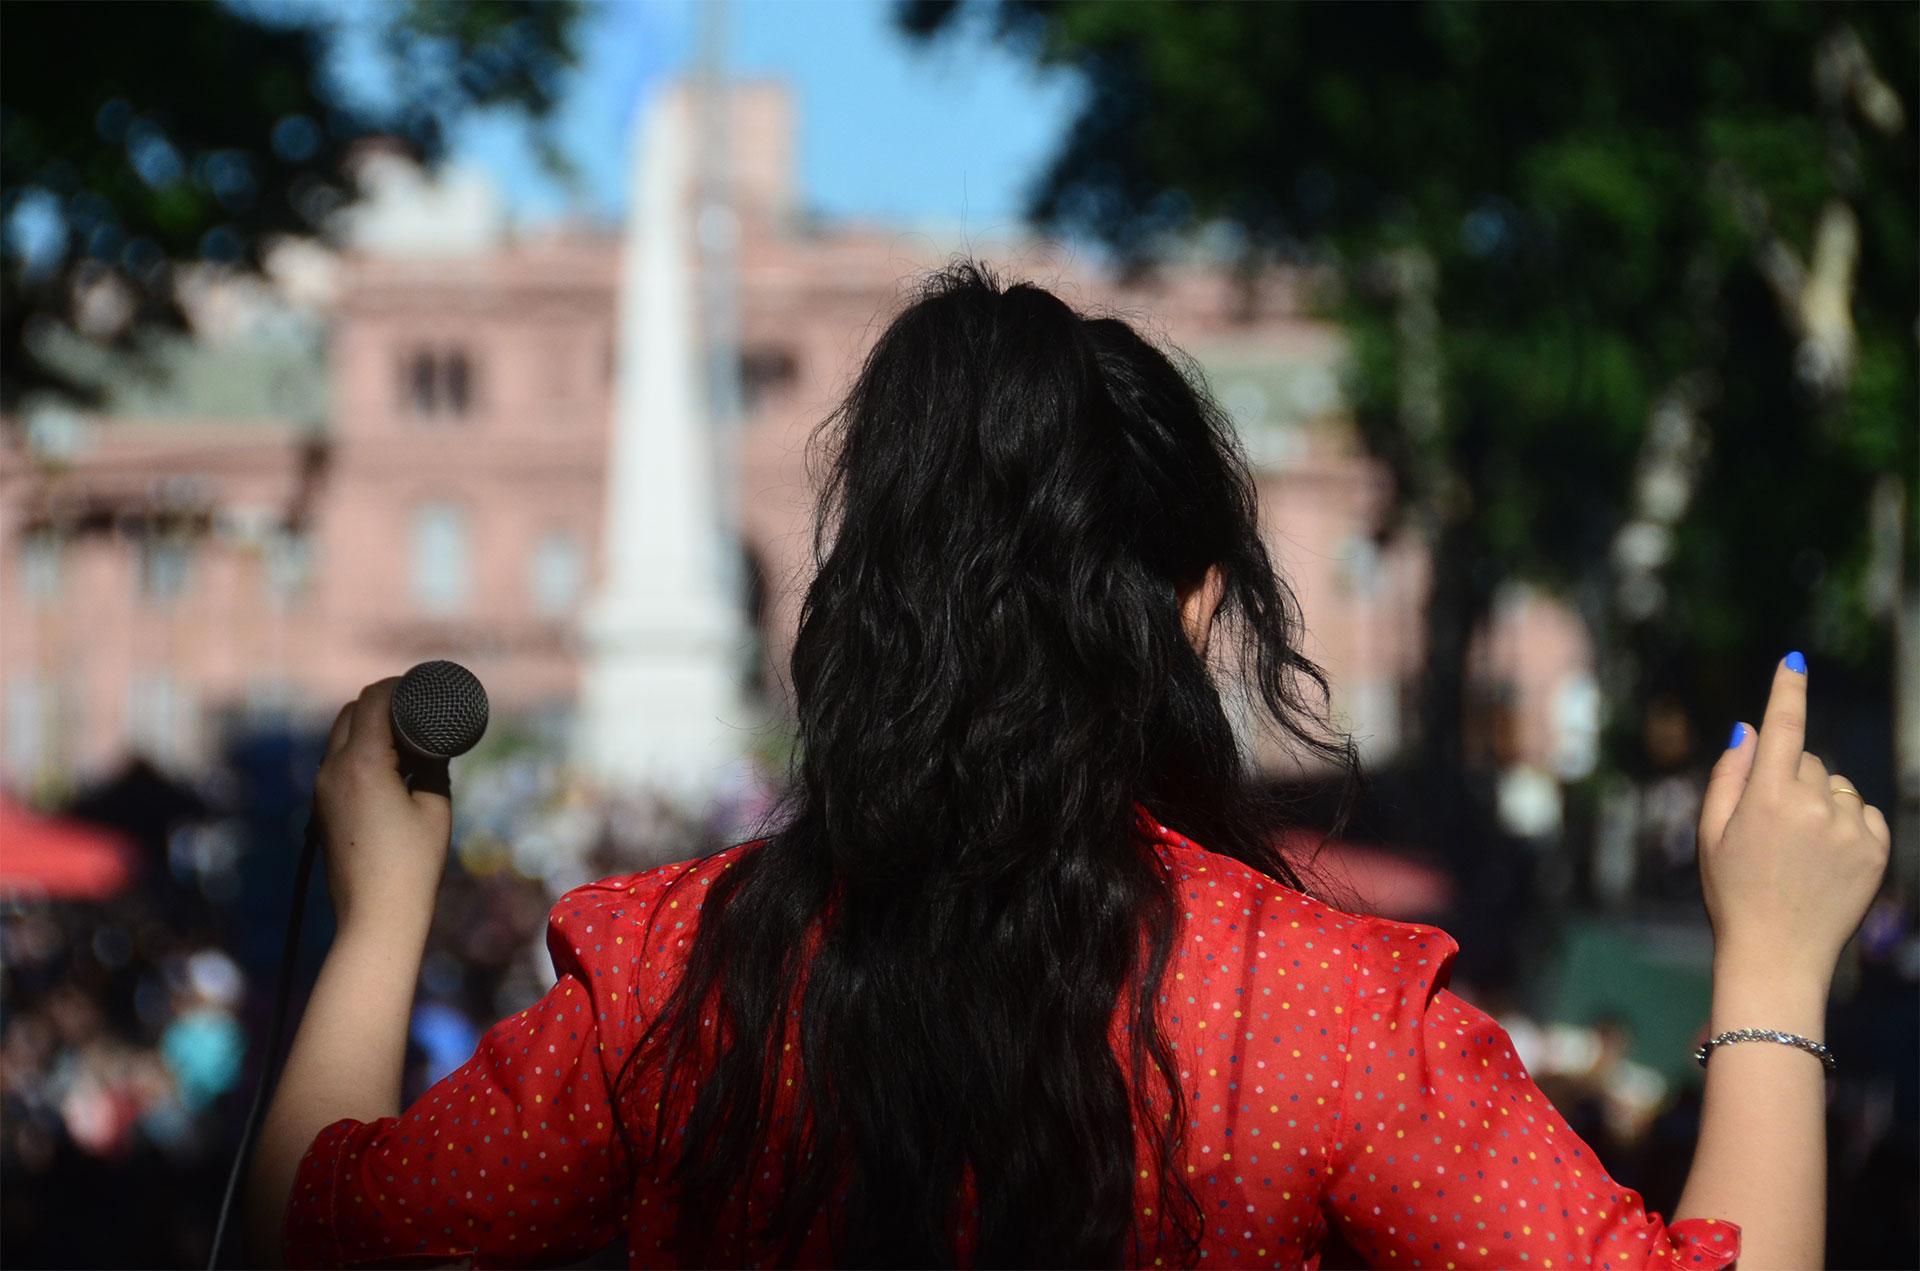 Caminatón es un recital itinerante que desde hace 25 años cuenta con el apoyo de diferentes artistas y bandas musicales, además de periodistas y celebridades, con el que se busca concientizar sobre la prevención y el correcto uso de los preservativos. Arriba de un escenario en movimiento, el público recorre dos mil metros bajo el lema